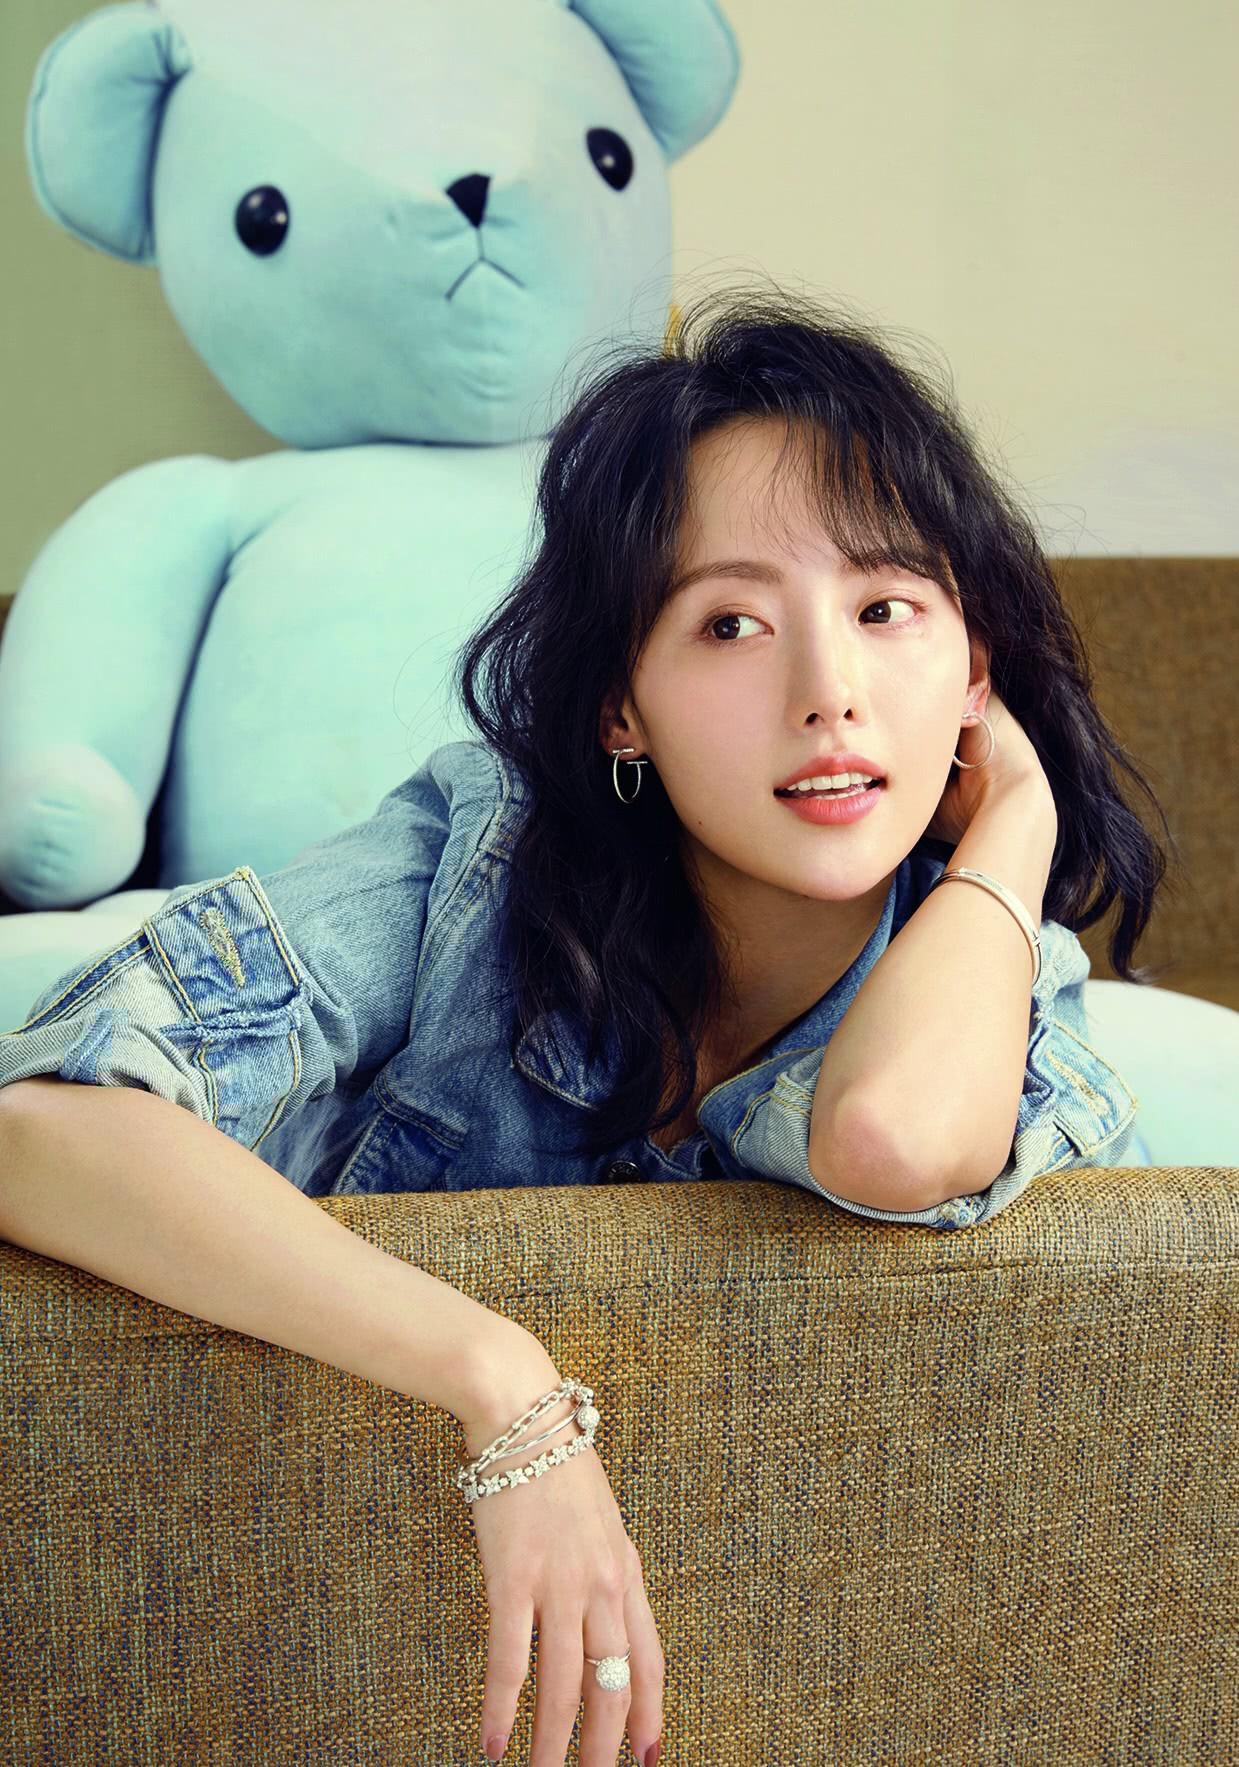 Trương Gia Nghê sinh năm 1987, cô nổi tiếng với các vai diễn như Bạc Nhất Tâm (Huyền của Ôn Noãn), Tử Lăng (Tân Một thoáng mộng mơ)...